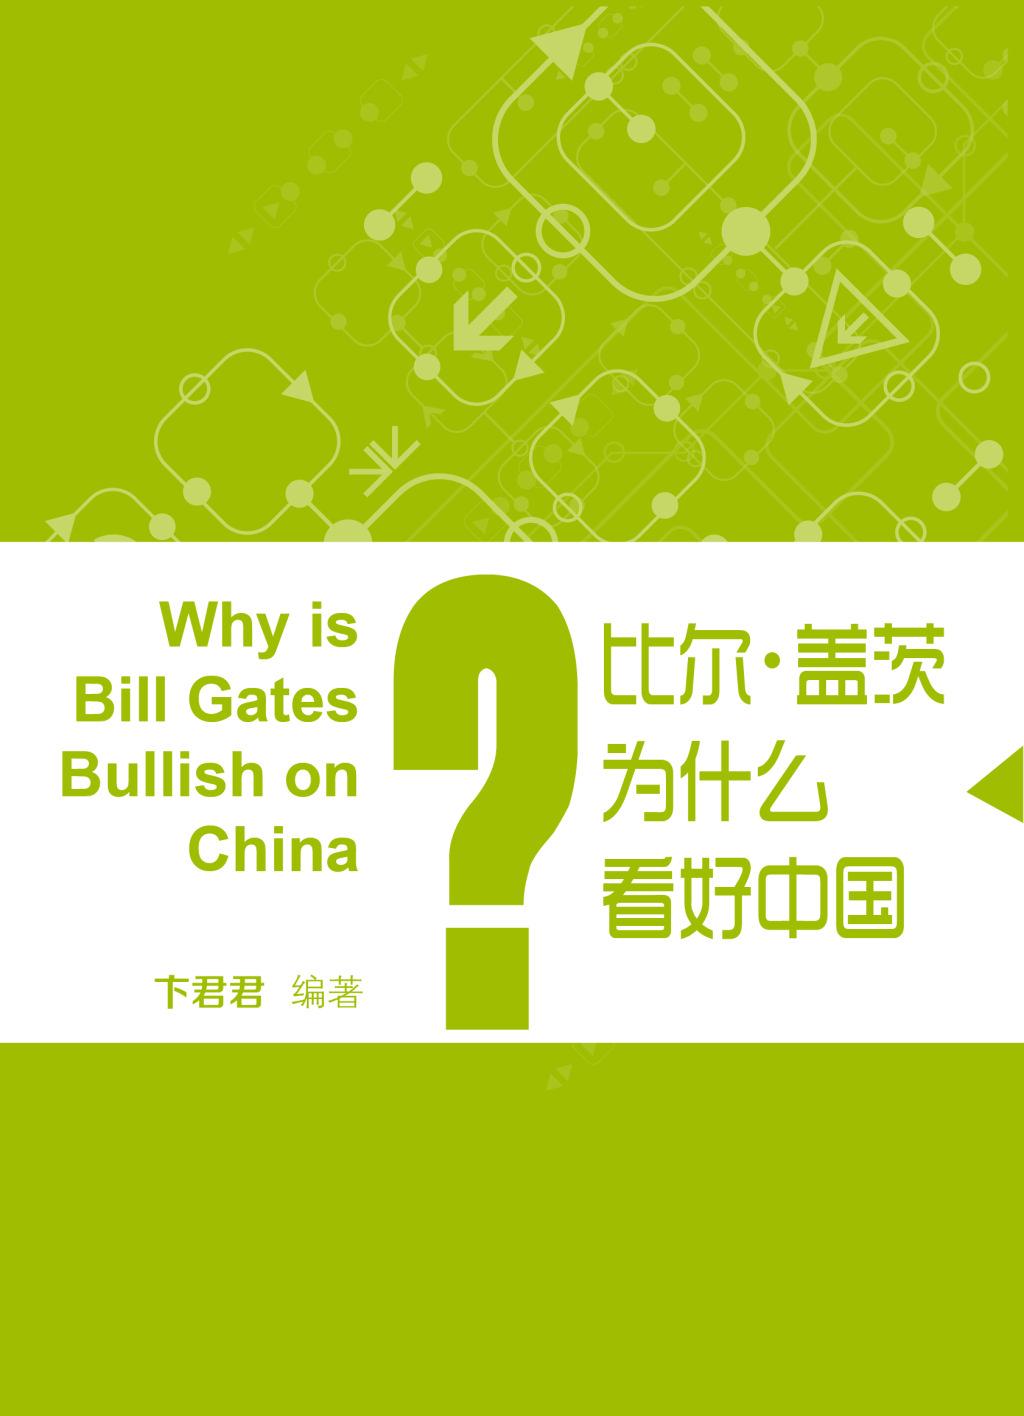 比尔·盖茨为什么看好中国?(蓝狮子速读系列-管理023)